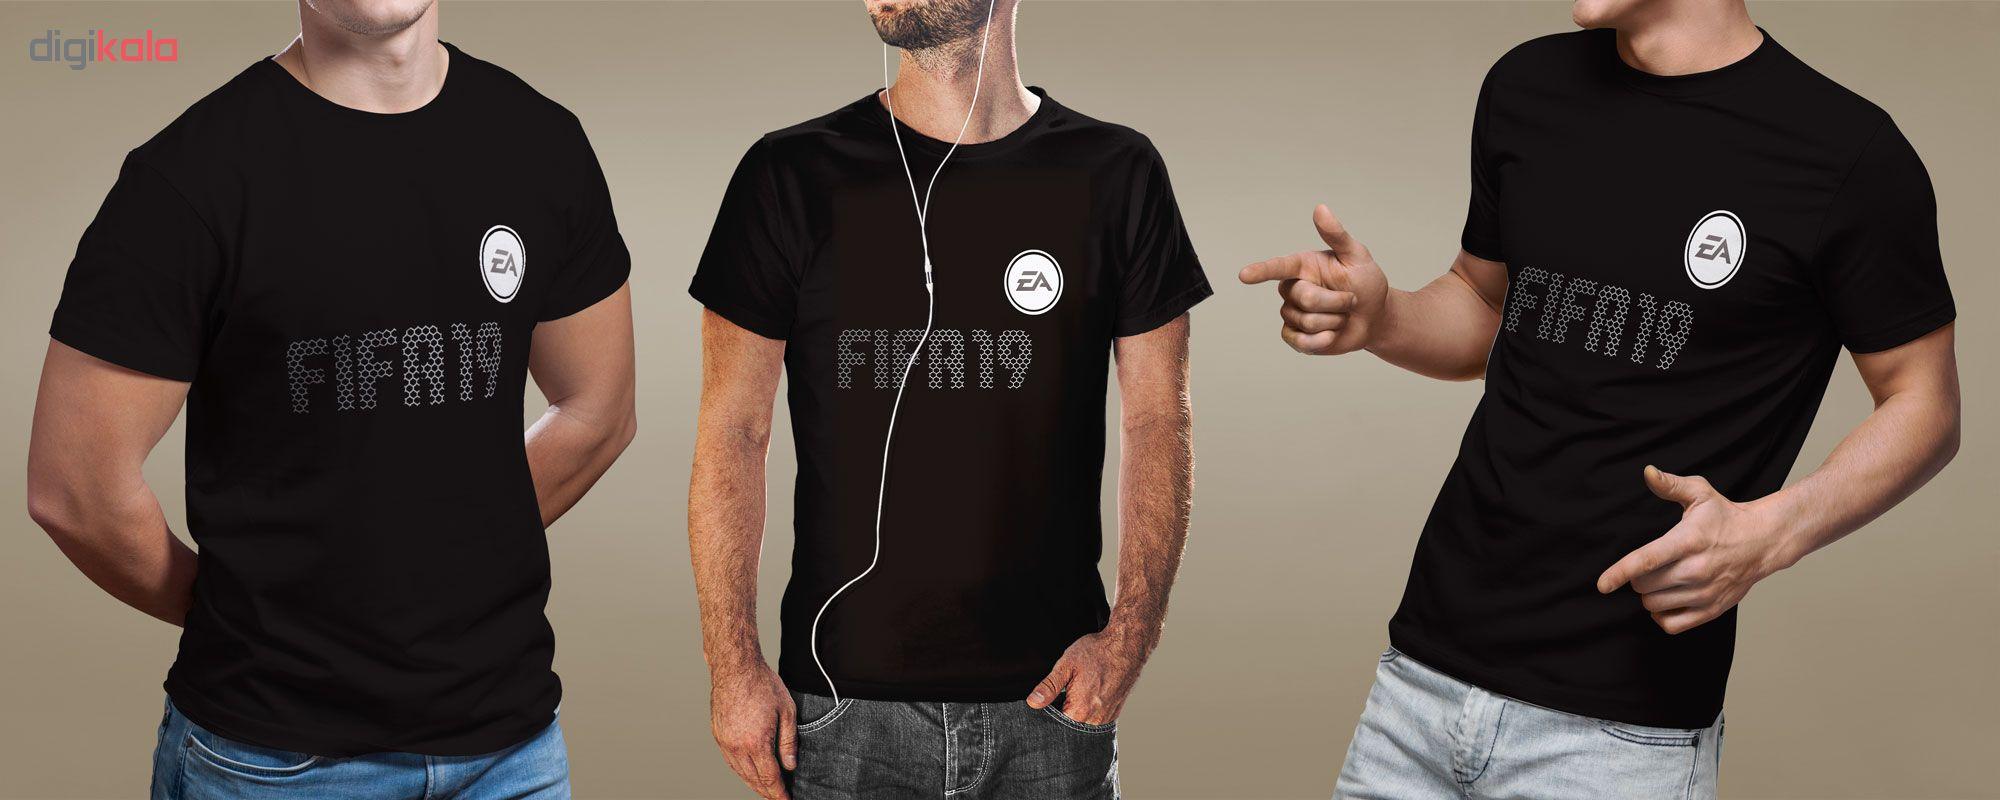 تیشرت مردانه فروشگاه دی سی کد DC-13212 طرح فیفا۱۹ - بازی فوتبال ۲۰۱۹ -  فیفا ۱۹